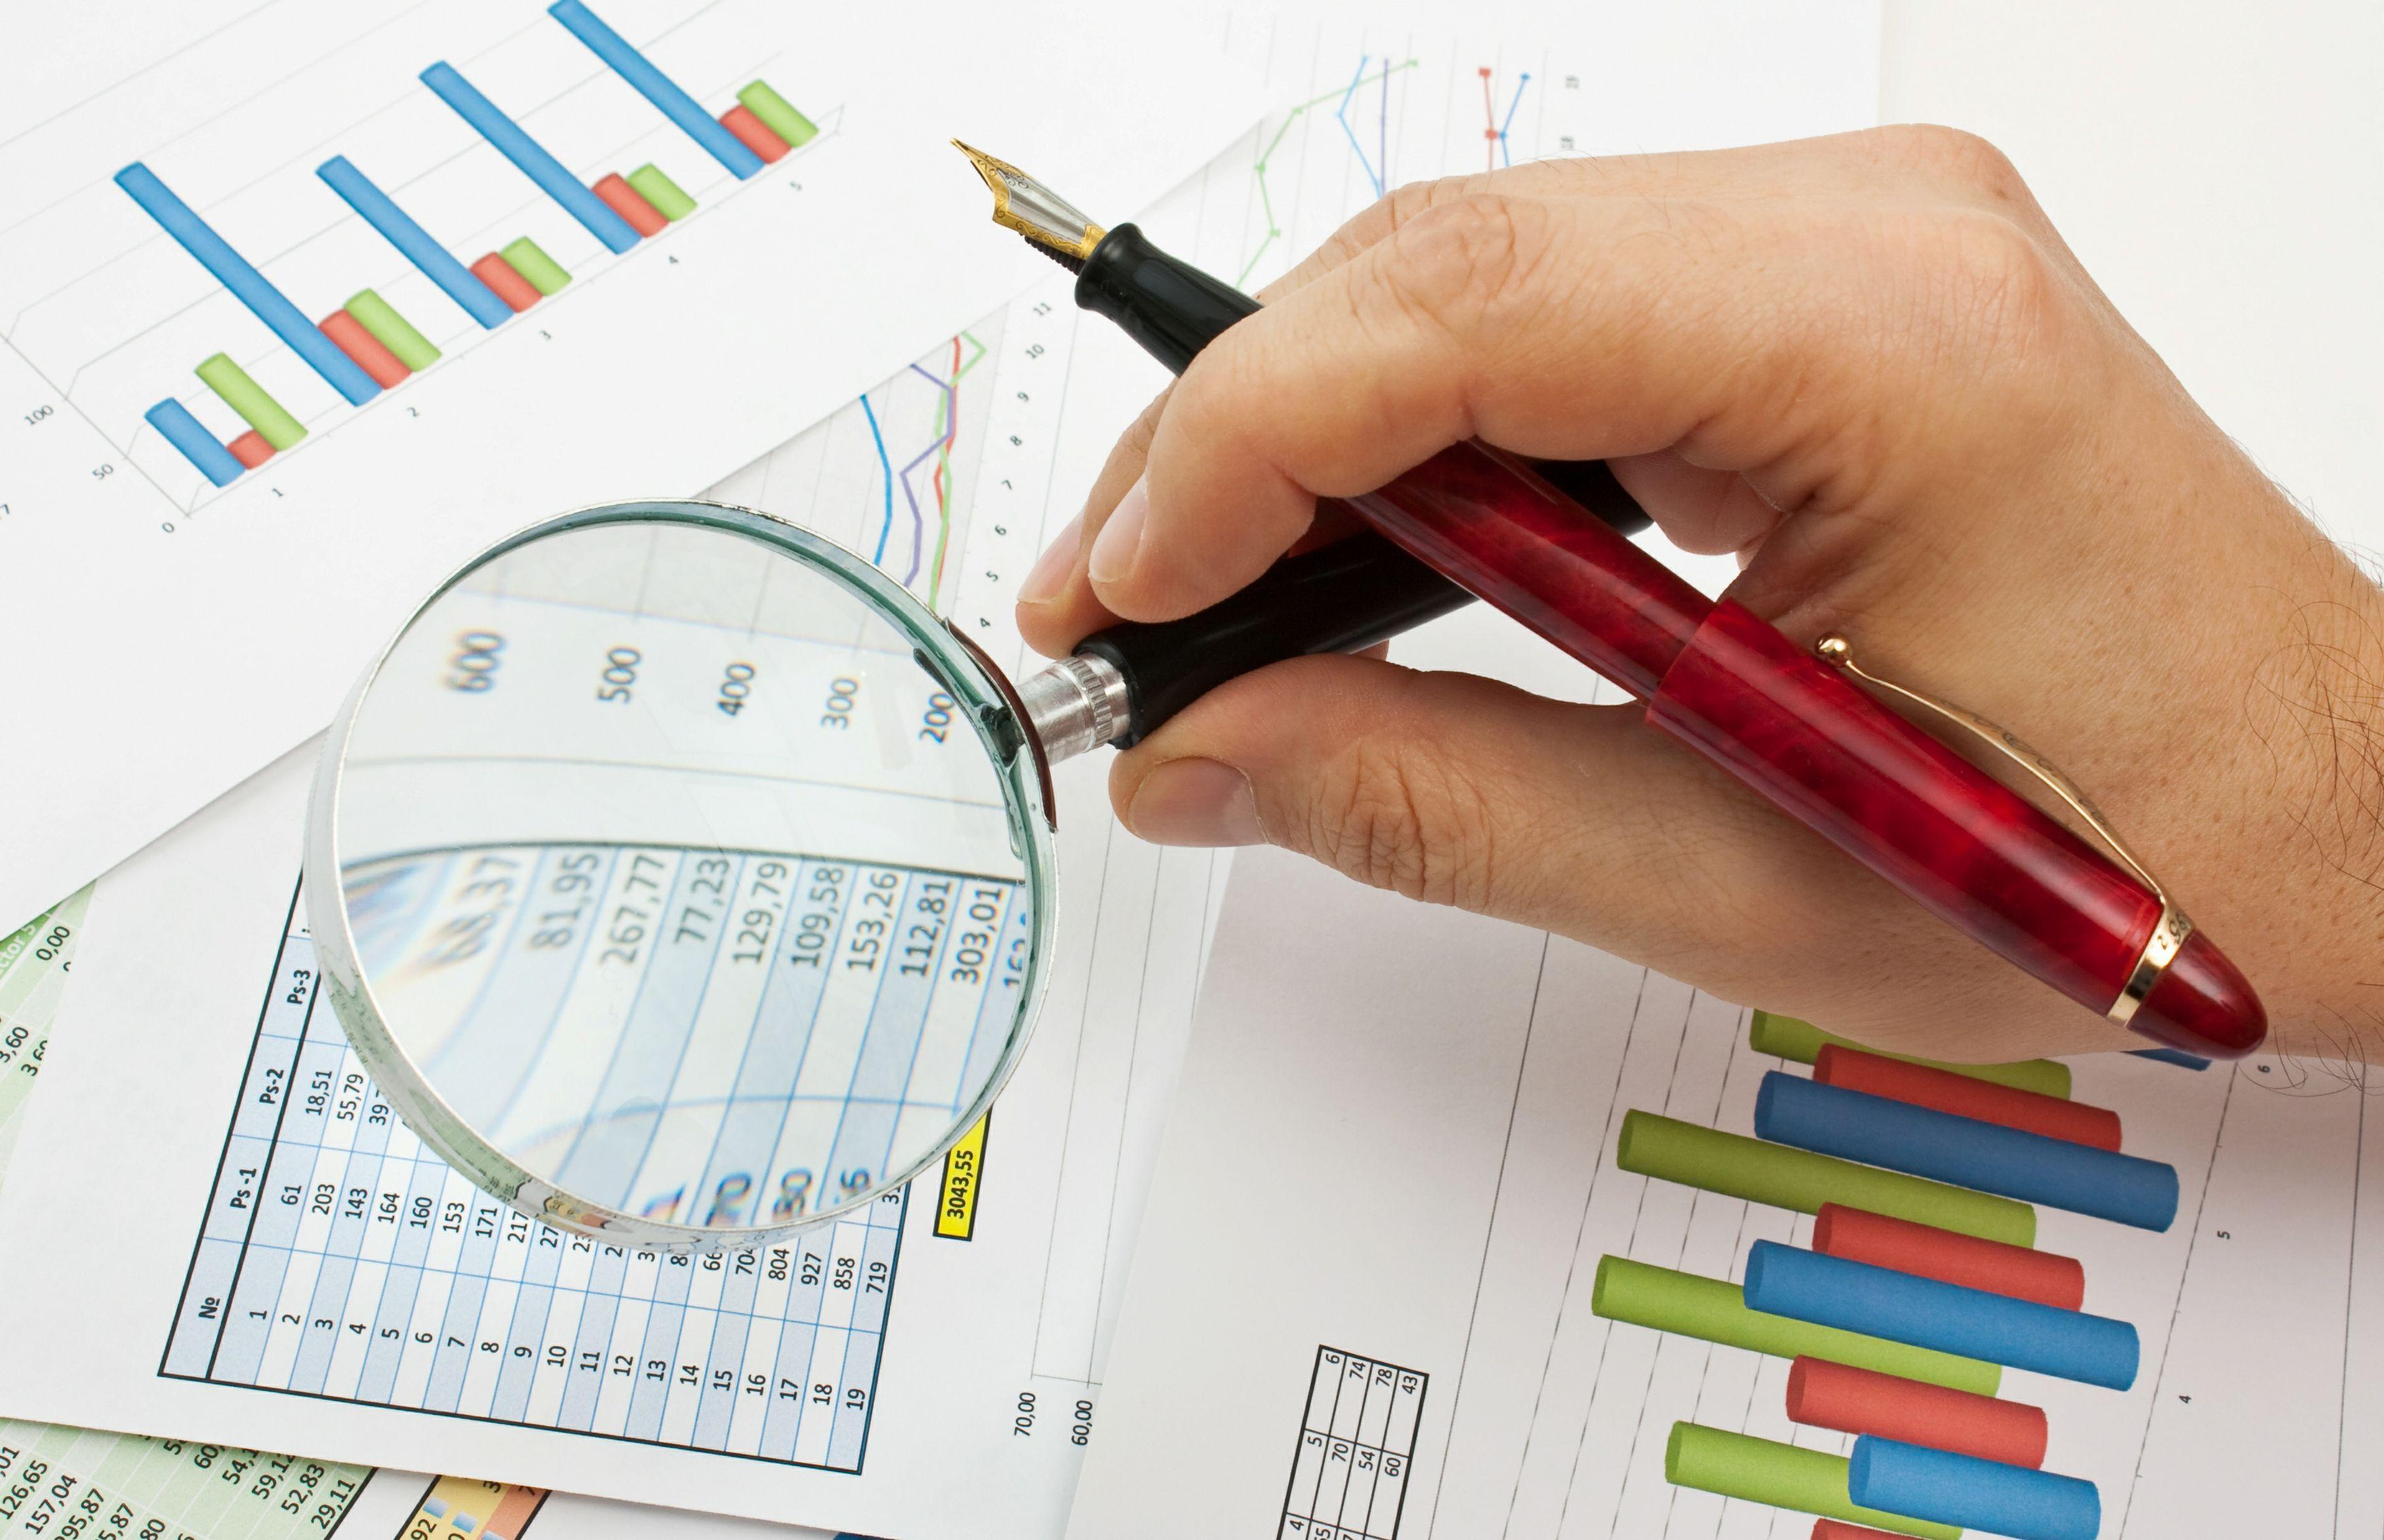 格隆汇港股聚焦(10.3)︱碧桂园9月权益合同销售额升40.39%至515.8亿元 中国恒大9月合约销售金额达831.1亿元 刷新单月销售记录